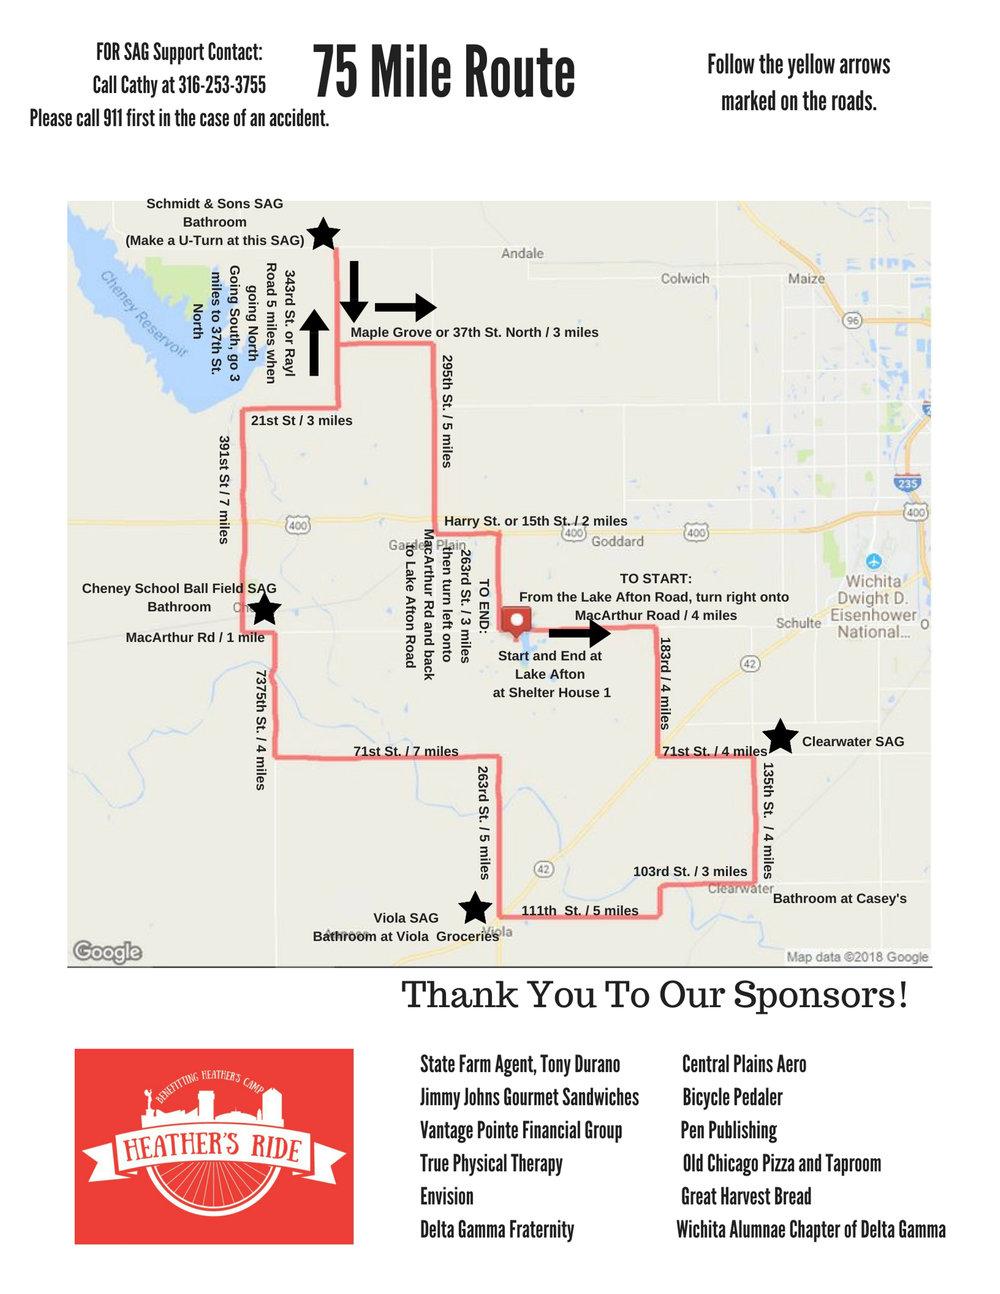 75 Mile Route 2018.jpg